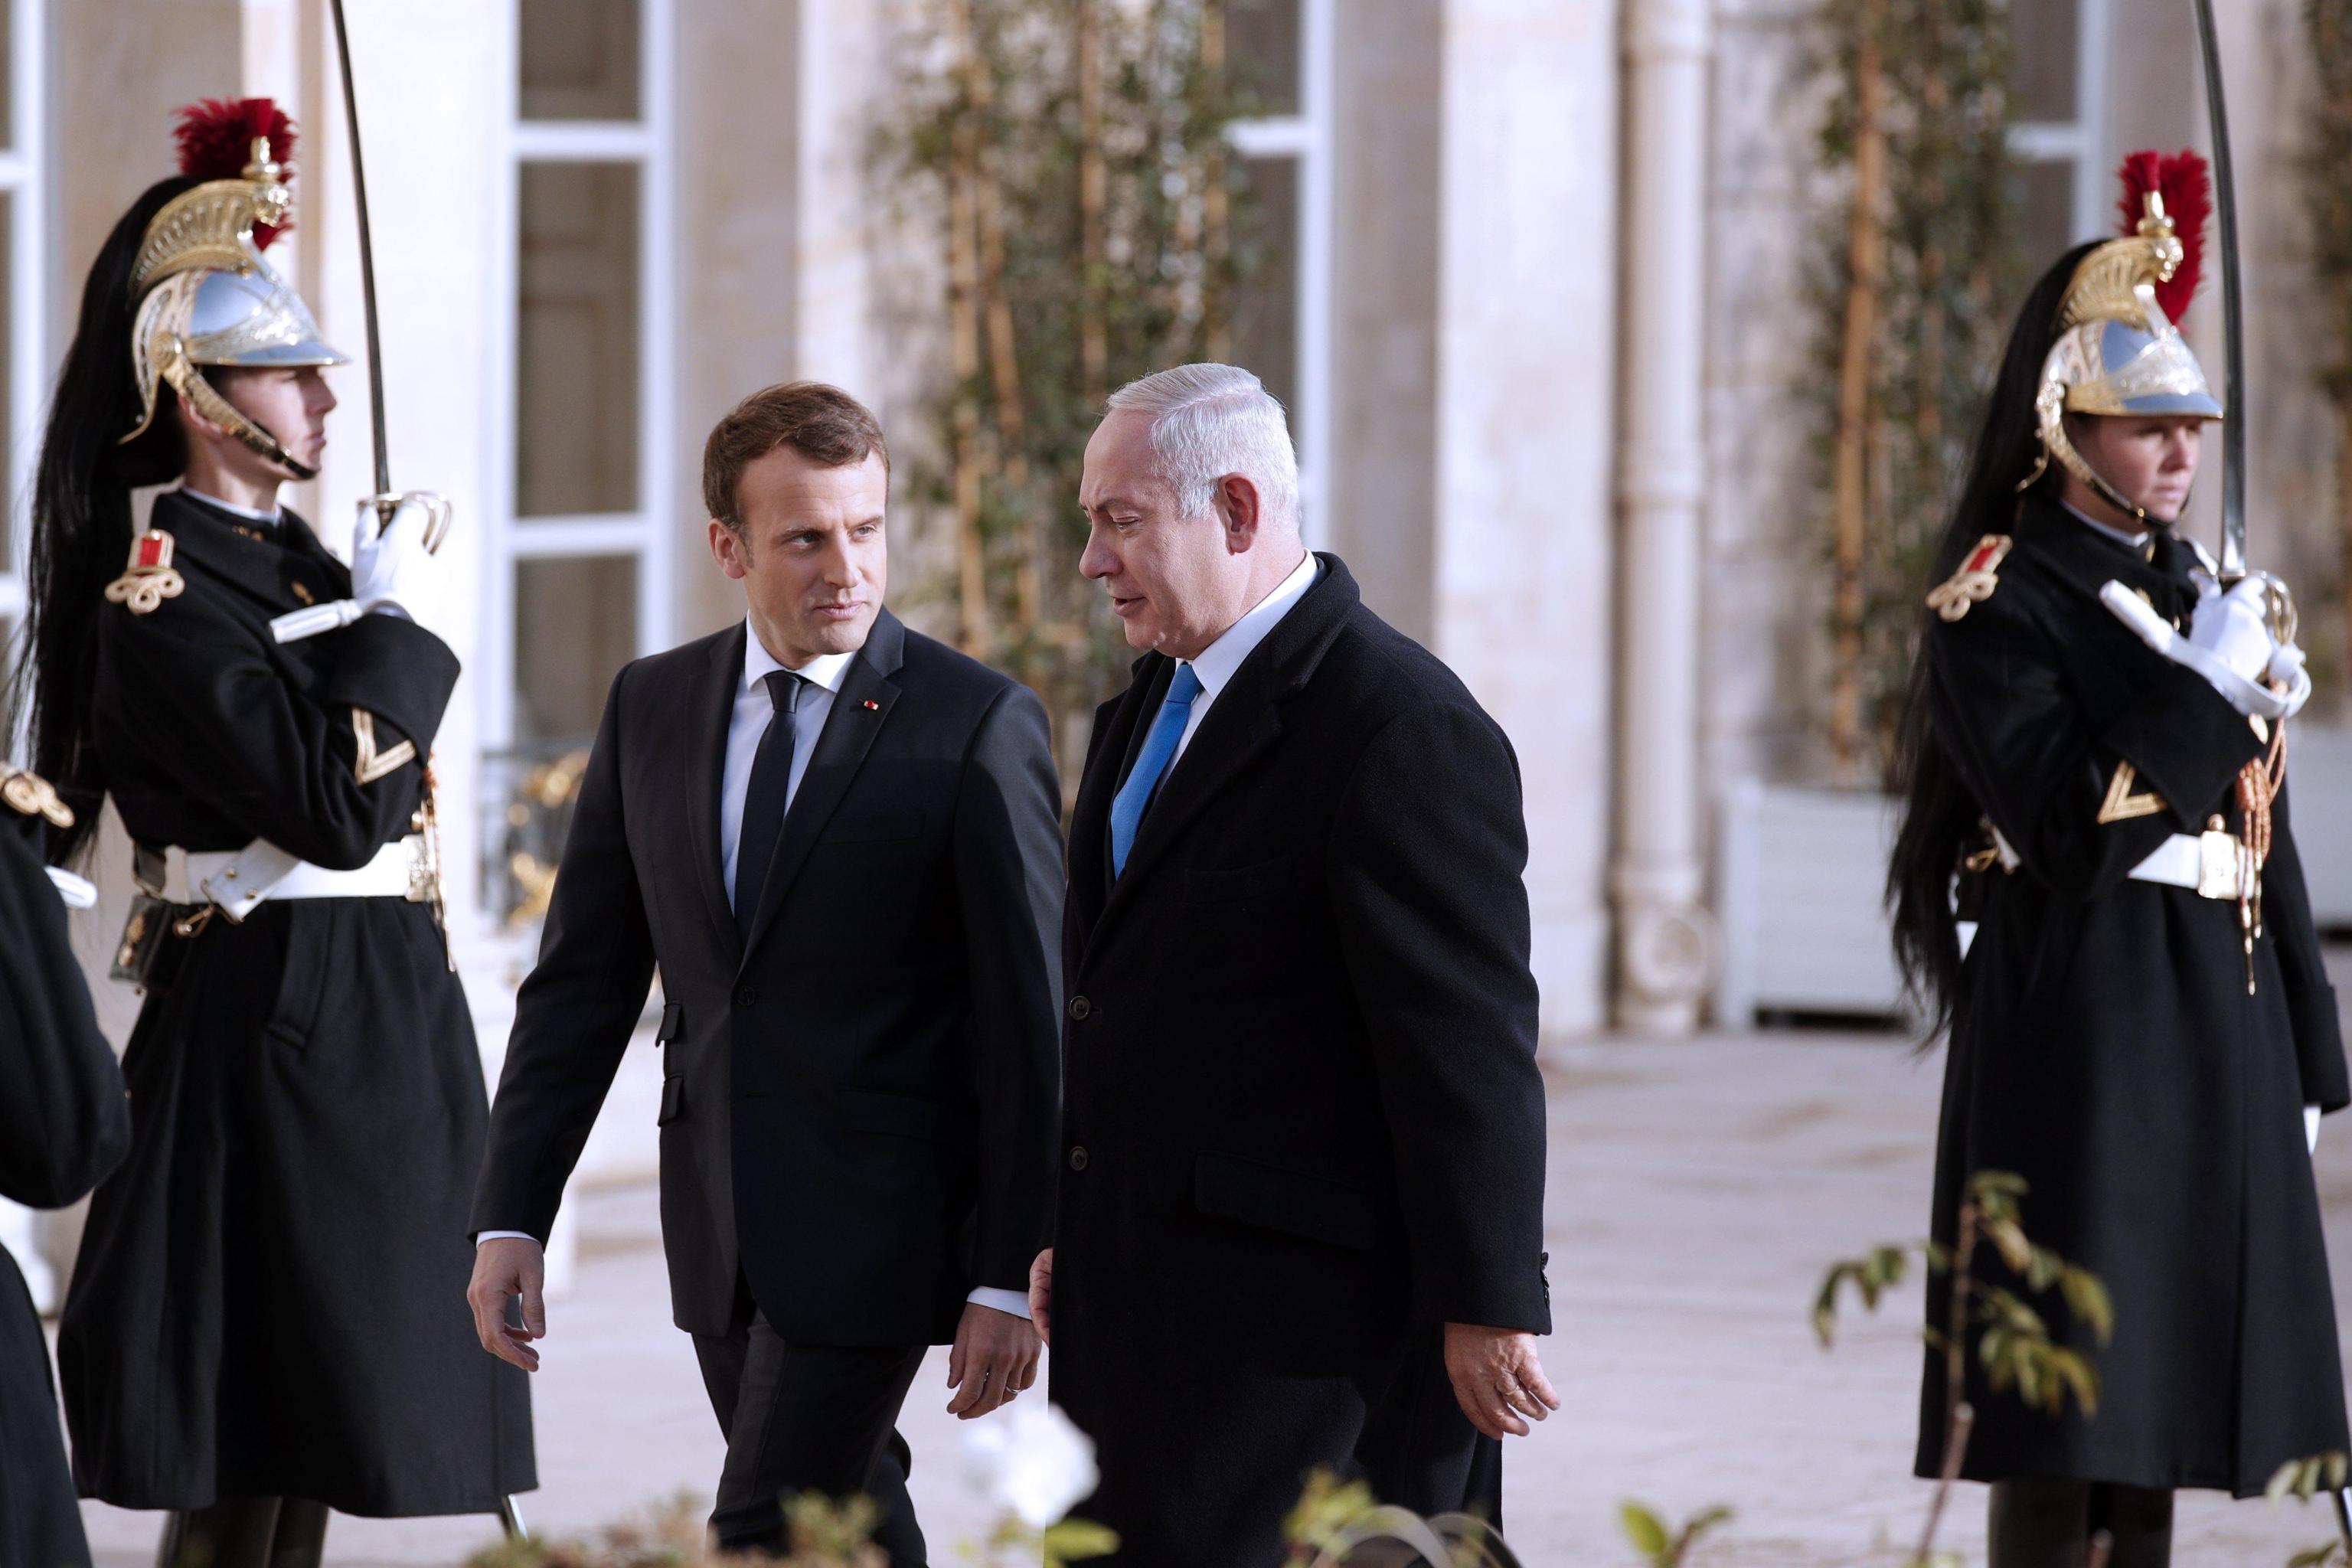 Netanyahu da Macron, Parigi boccia Trump